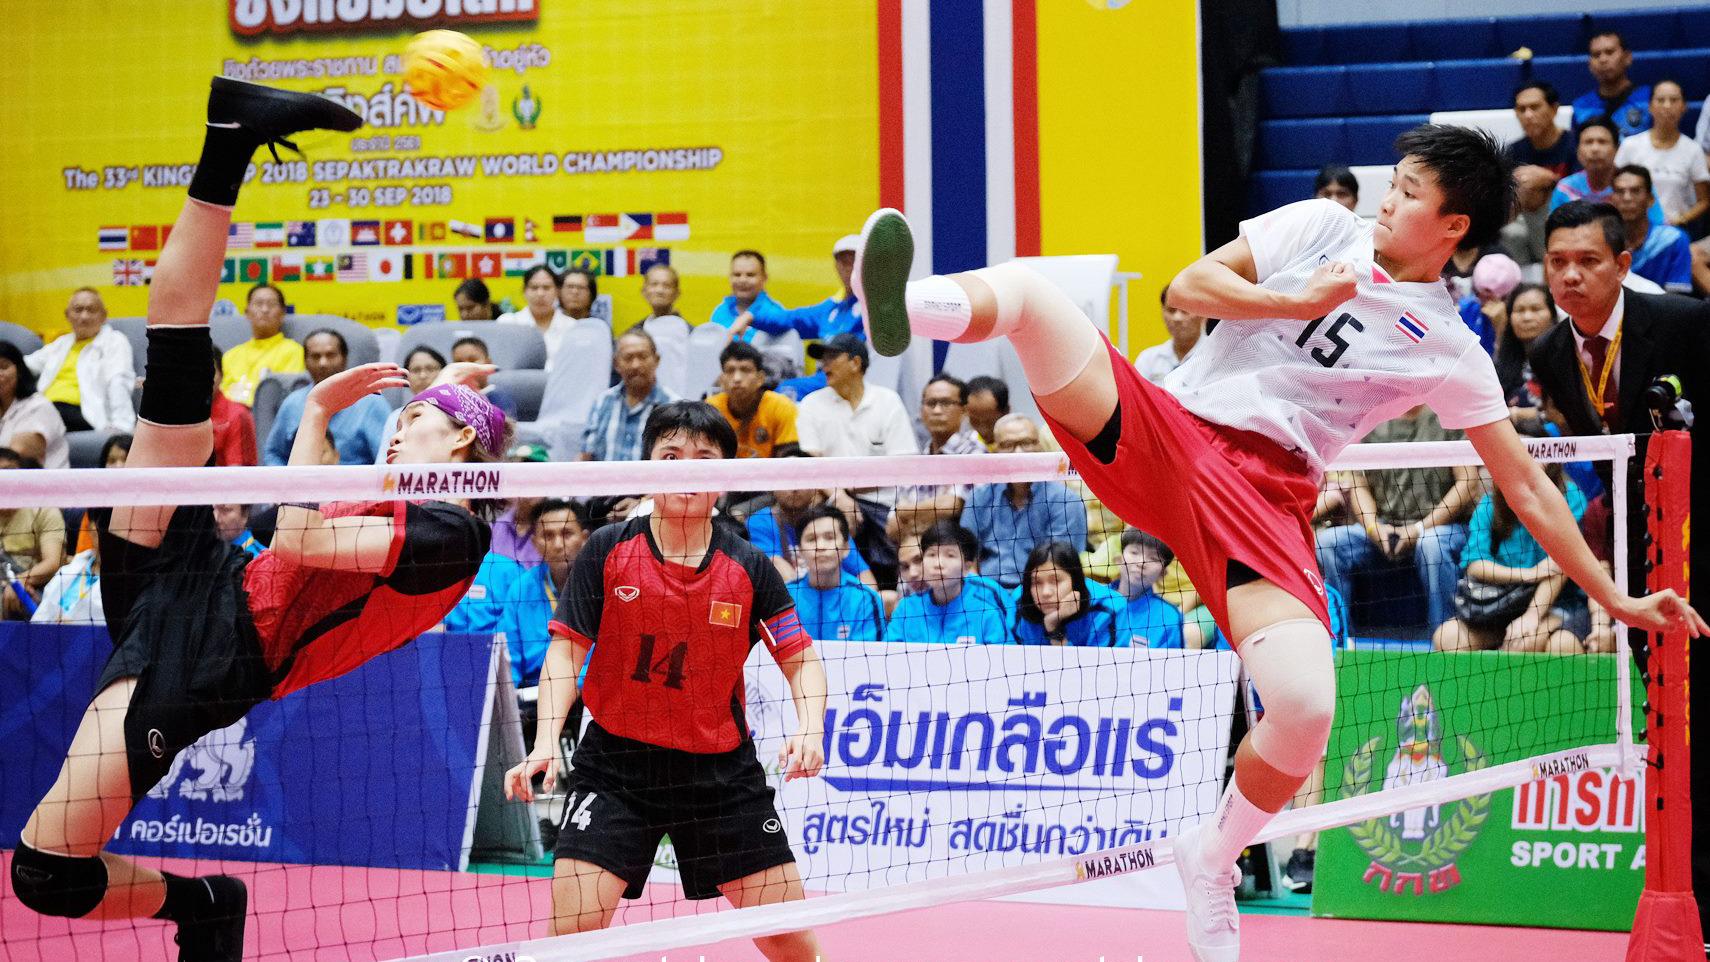 ซีเกมส์ 2019 ตะกร้อ ทีมชาติไทย